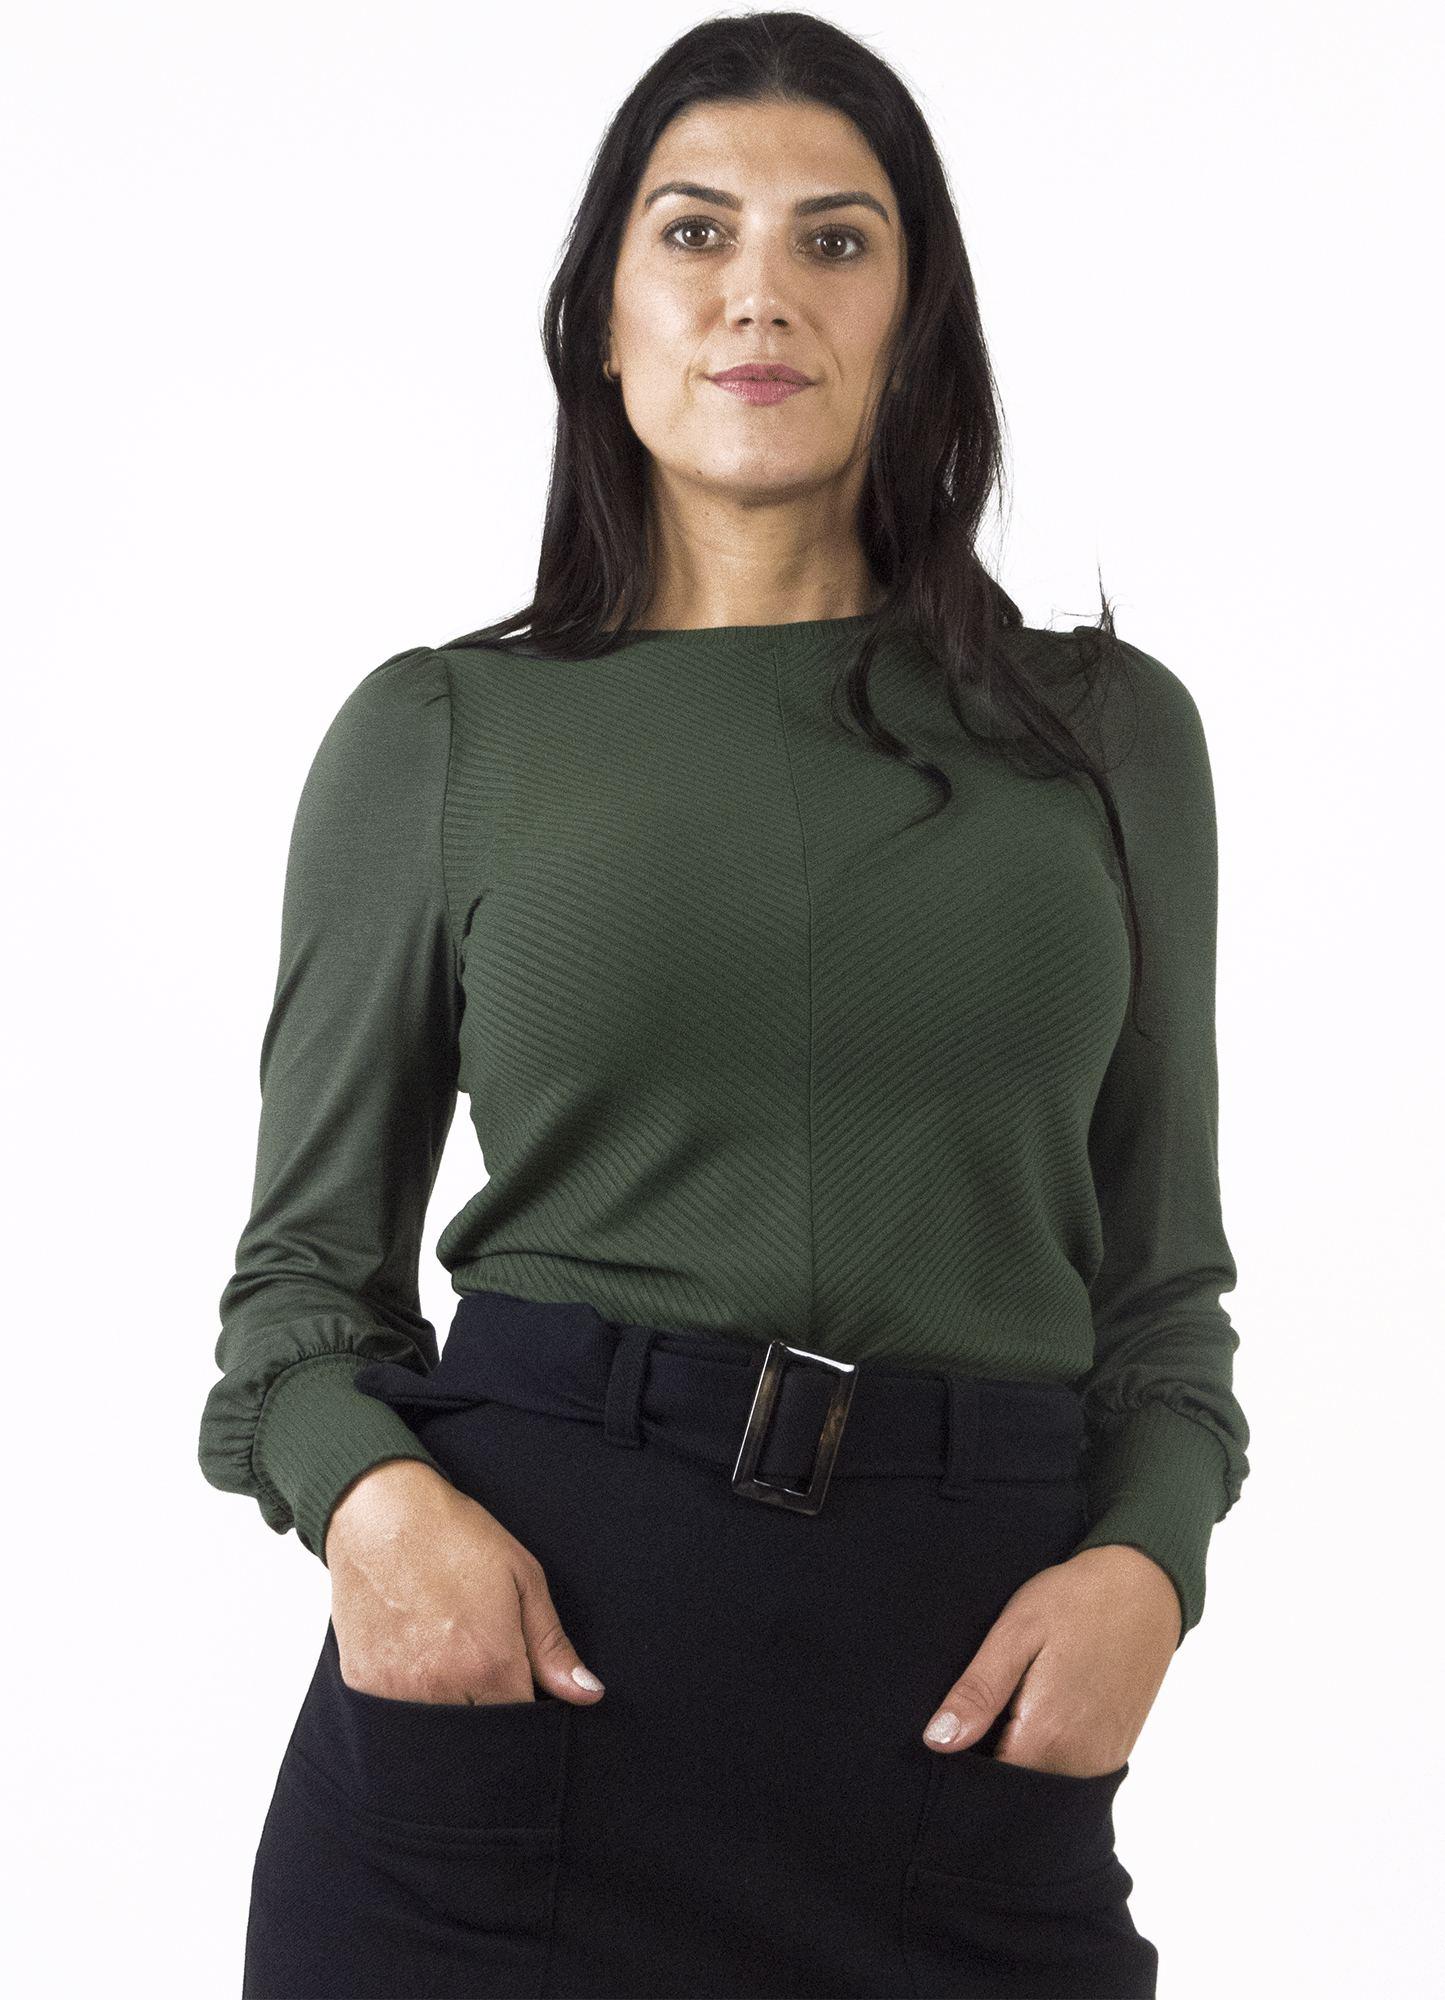 Blusa Feminina Viscose Canelada Manga Levemente Bufante de Viscose Lisa Verde Militar Decote Redondo